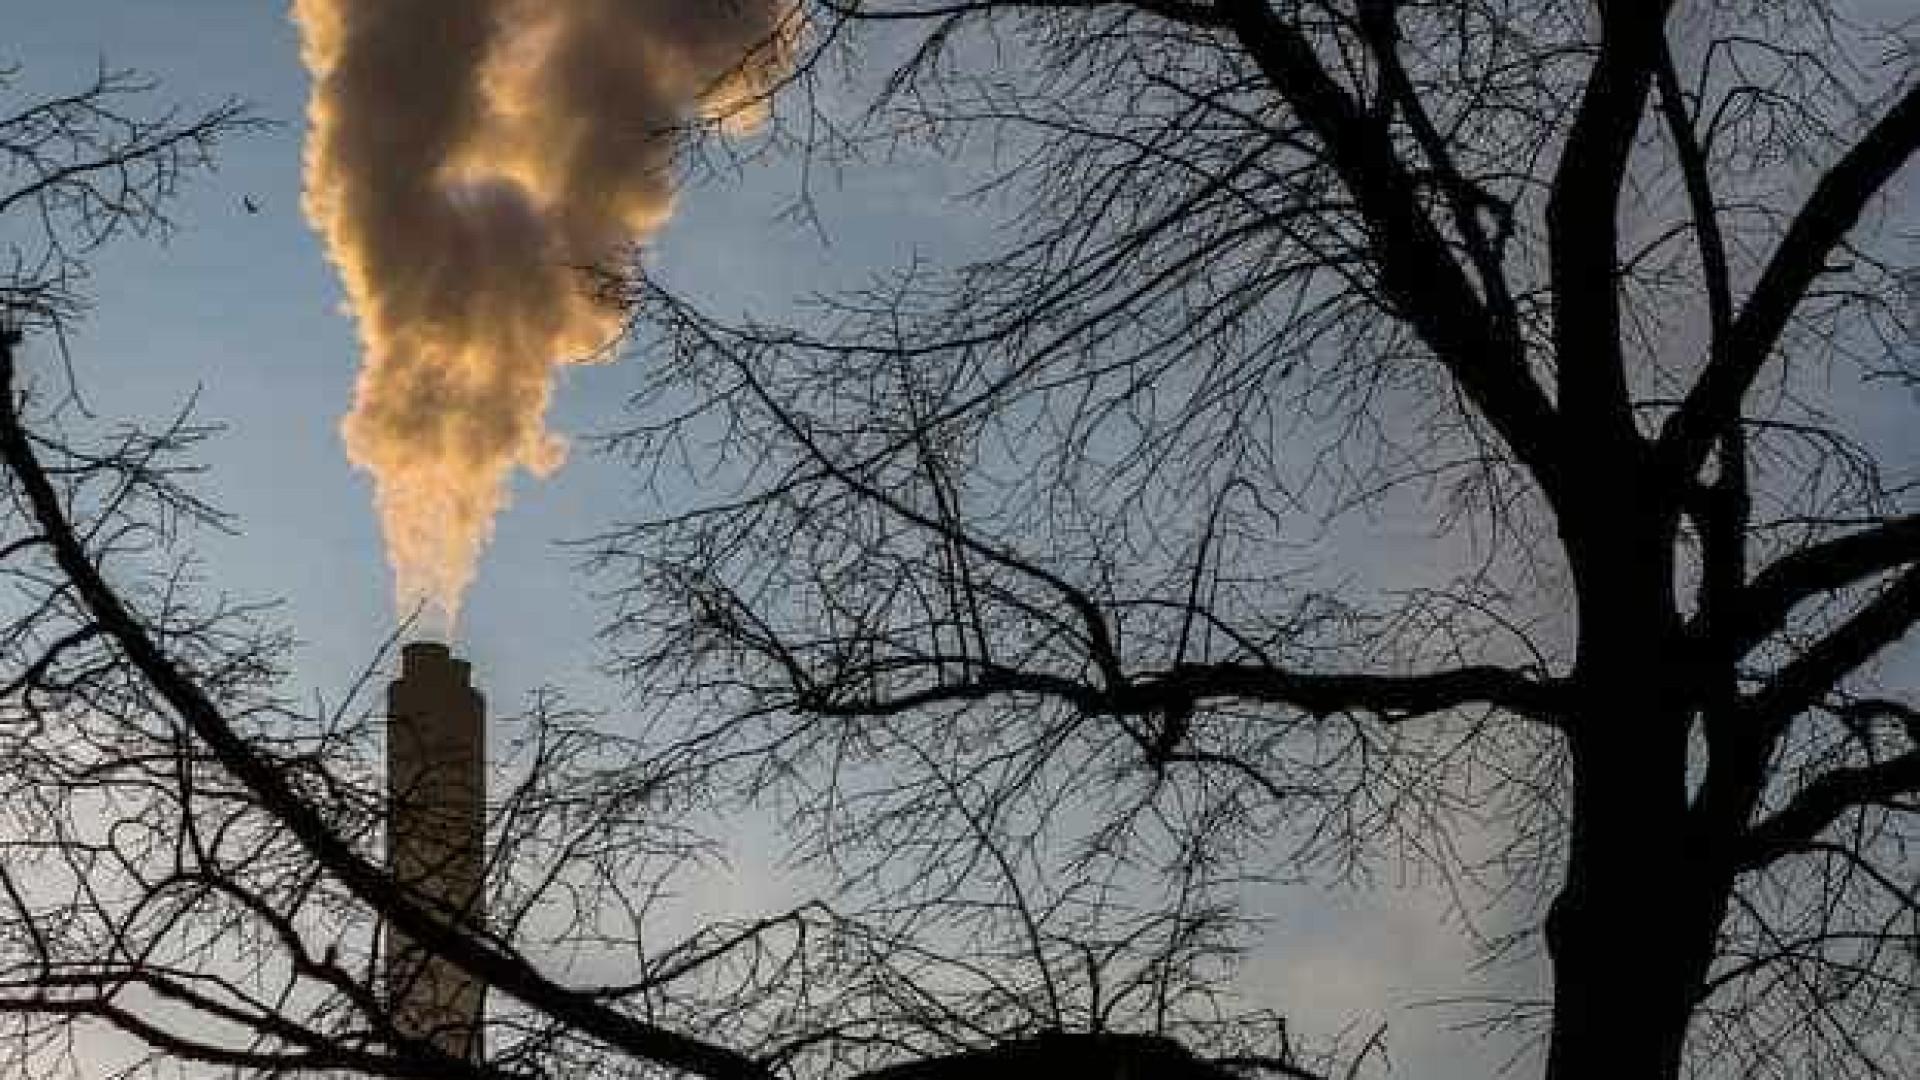 Poluição do ar pode causar câncer de pulmão, diz estudo